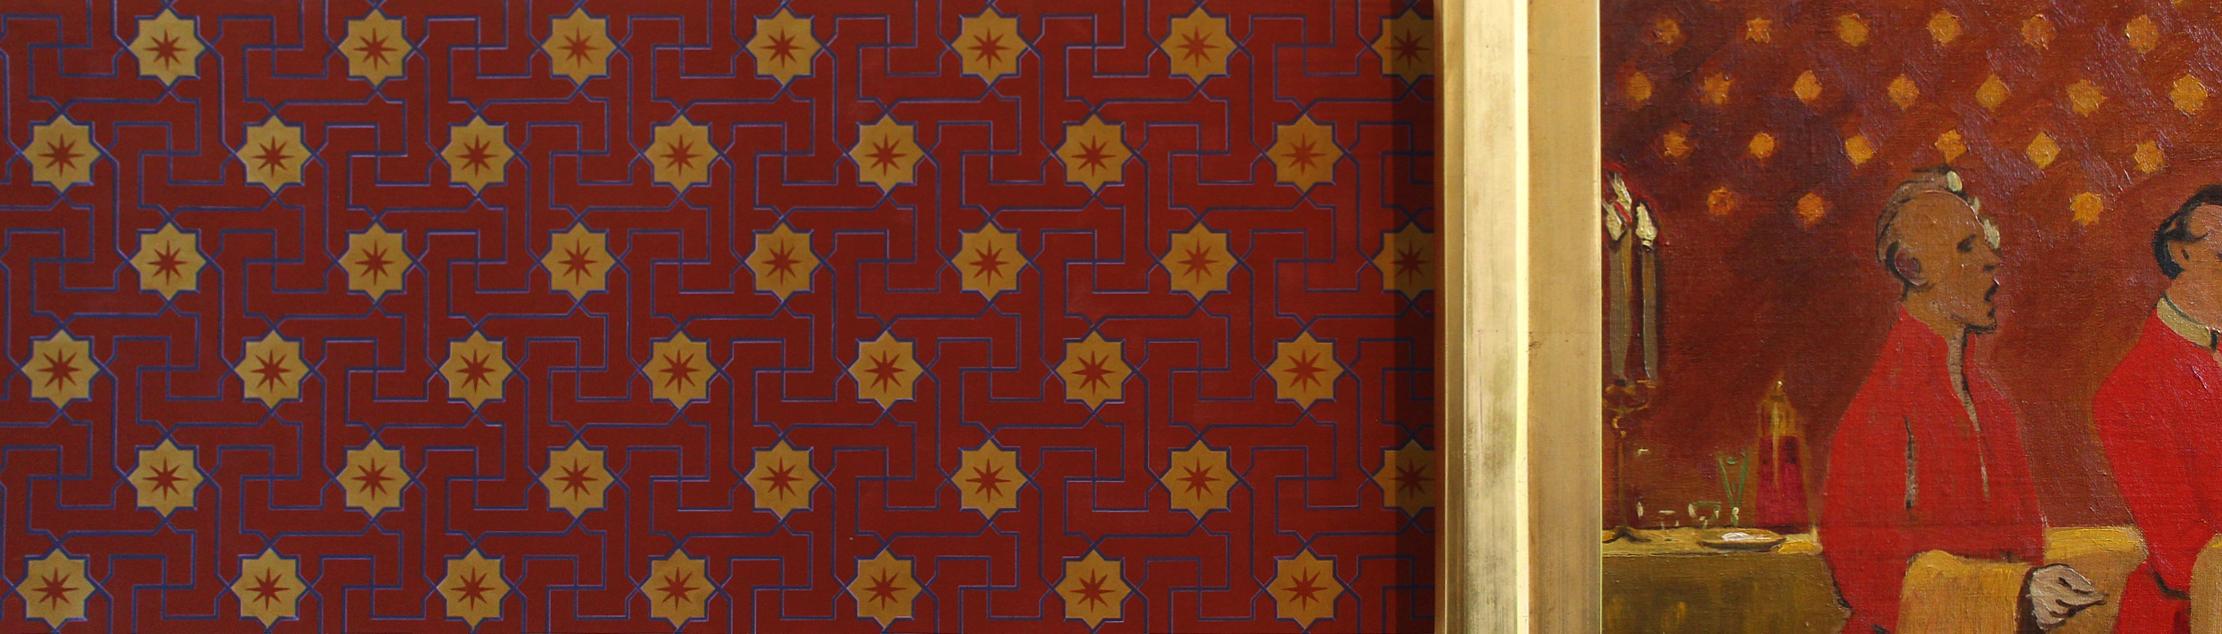 Willumsen Alhambratapet til venfor billedet er lavet af Lone Simonsen LLZ TAPET